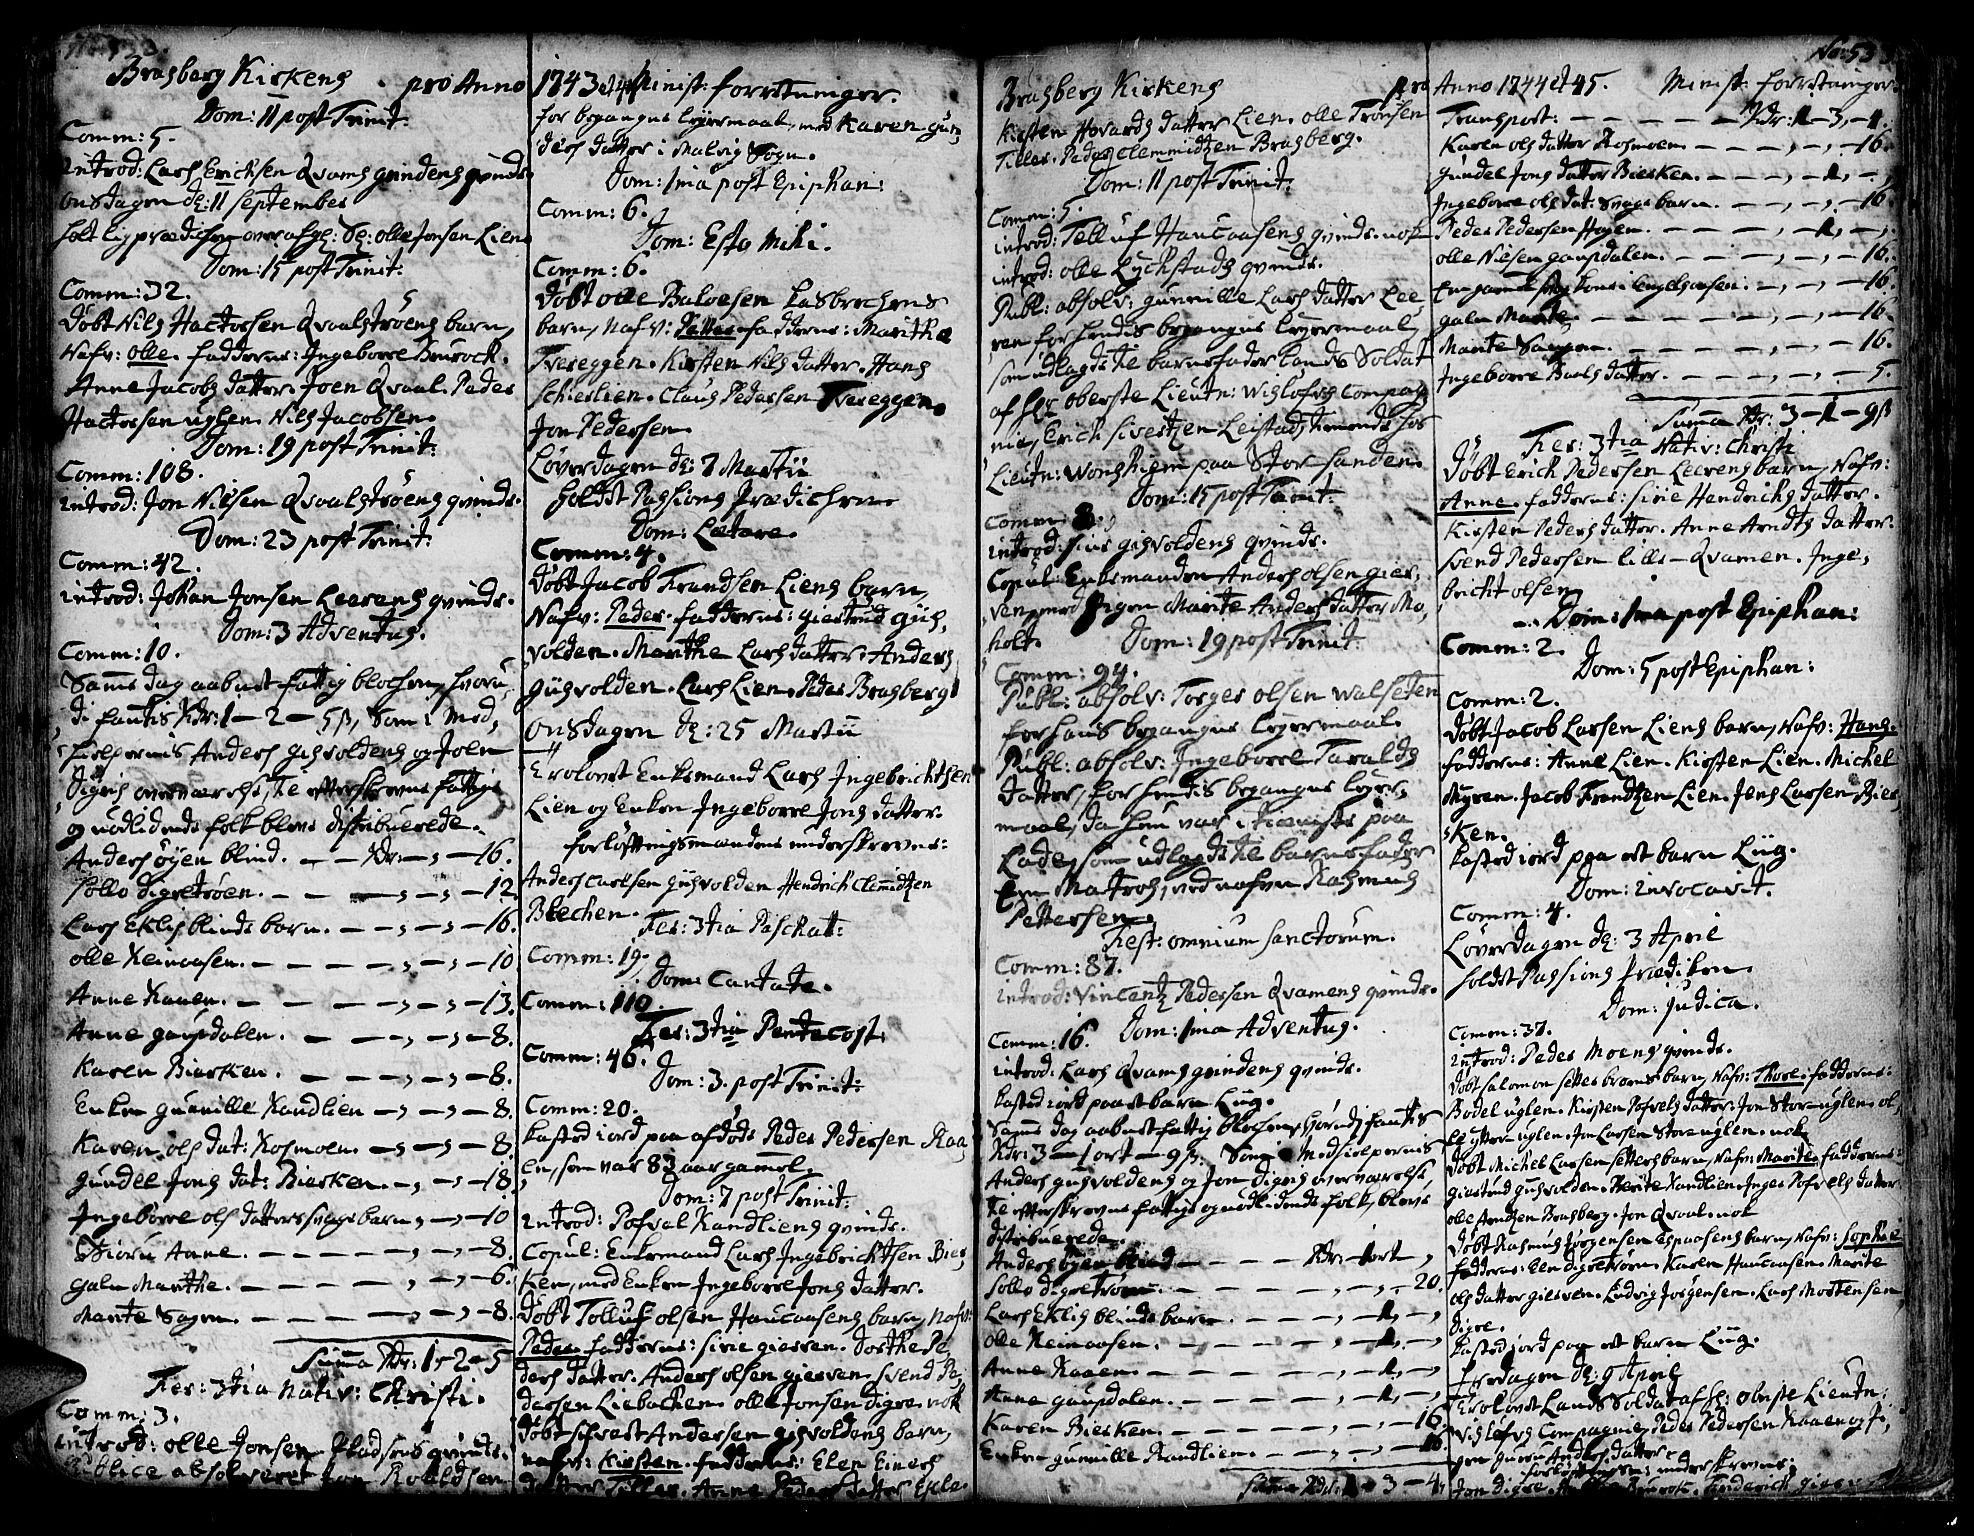 SAT, Ministerialprotokoller, klokkerbøker og fødselsregistre - Sør-Trøndelag, 606/L0278: Ministerialbok nr. 606A01 /4, 1727-1780, s. 532-533